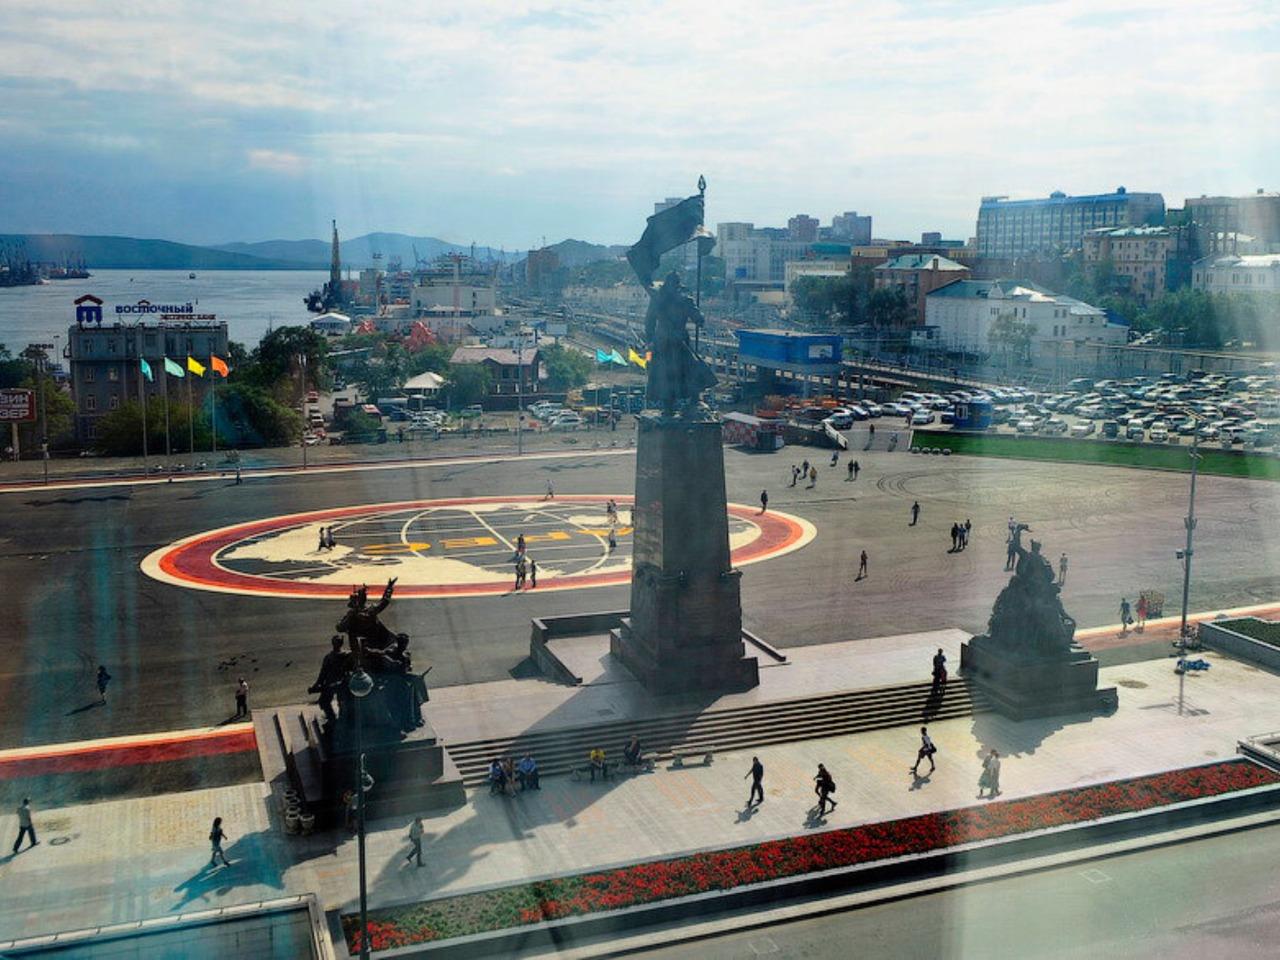 """Архитектурный mix """"Тихоокеанского Константинополя"""" - индивидуальная экскурсия по Владивостоку от опытного гида"""